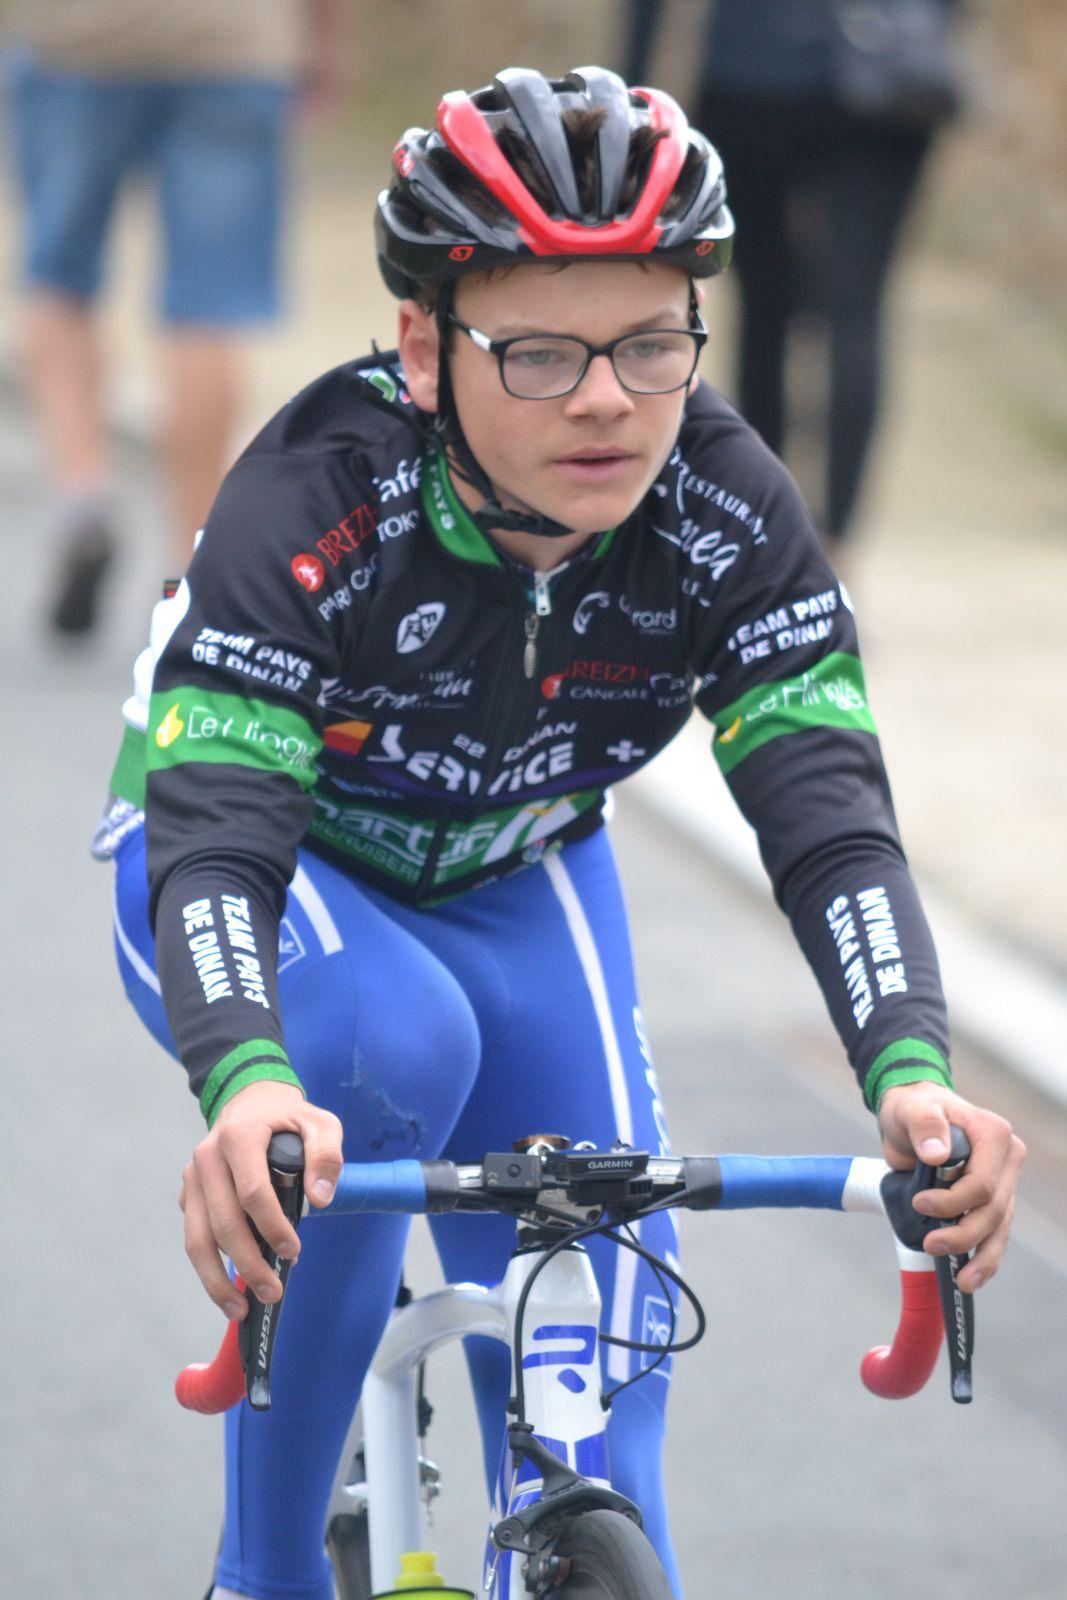 Lucas WASSER (TP Dinan) sur le circuit en spectateur-rouleur pour encourager son frère: malheureusement victime d'une chute le lendemain à Trébry.